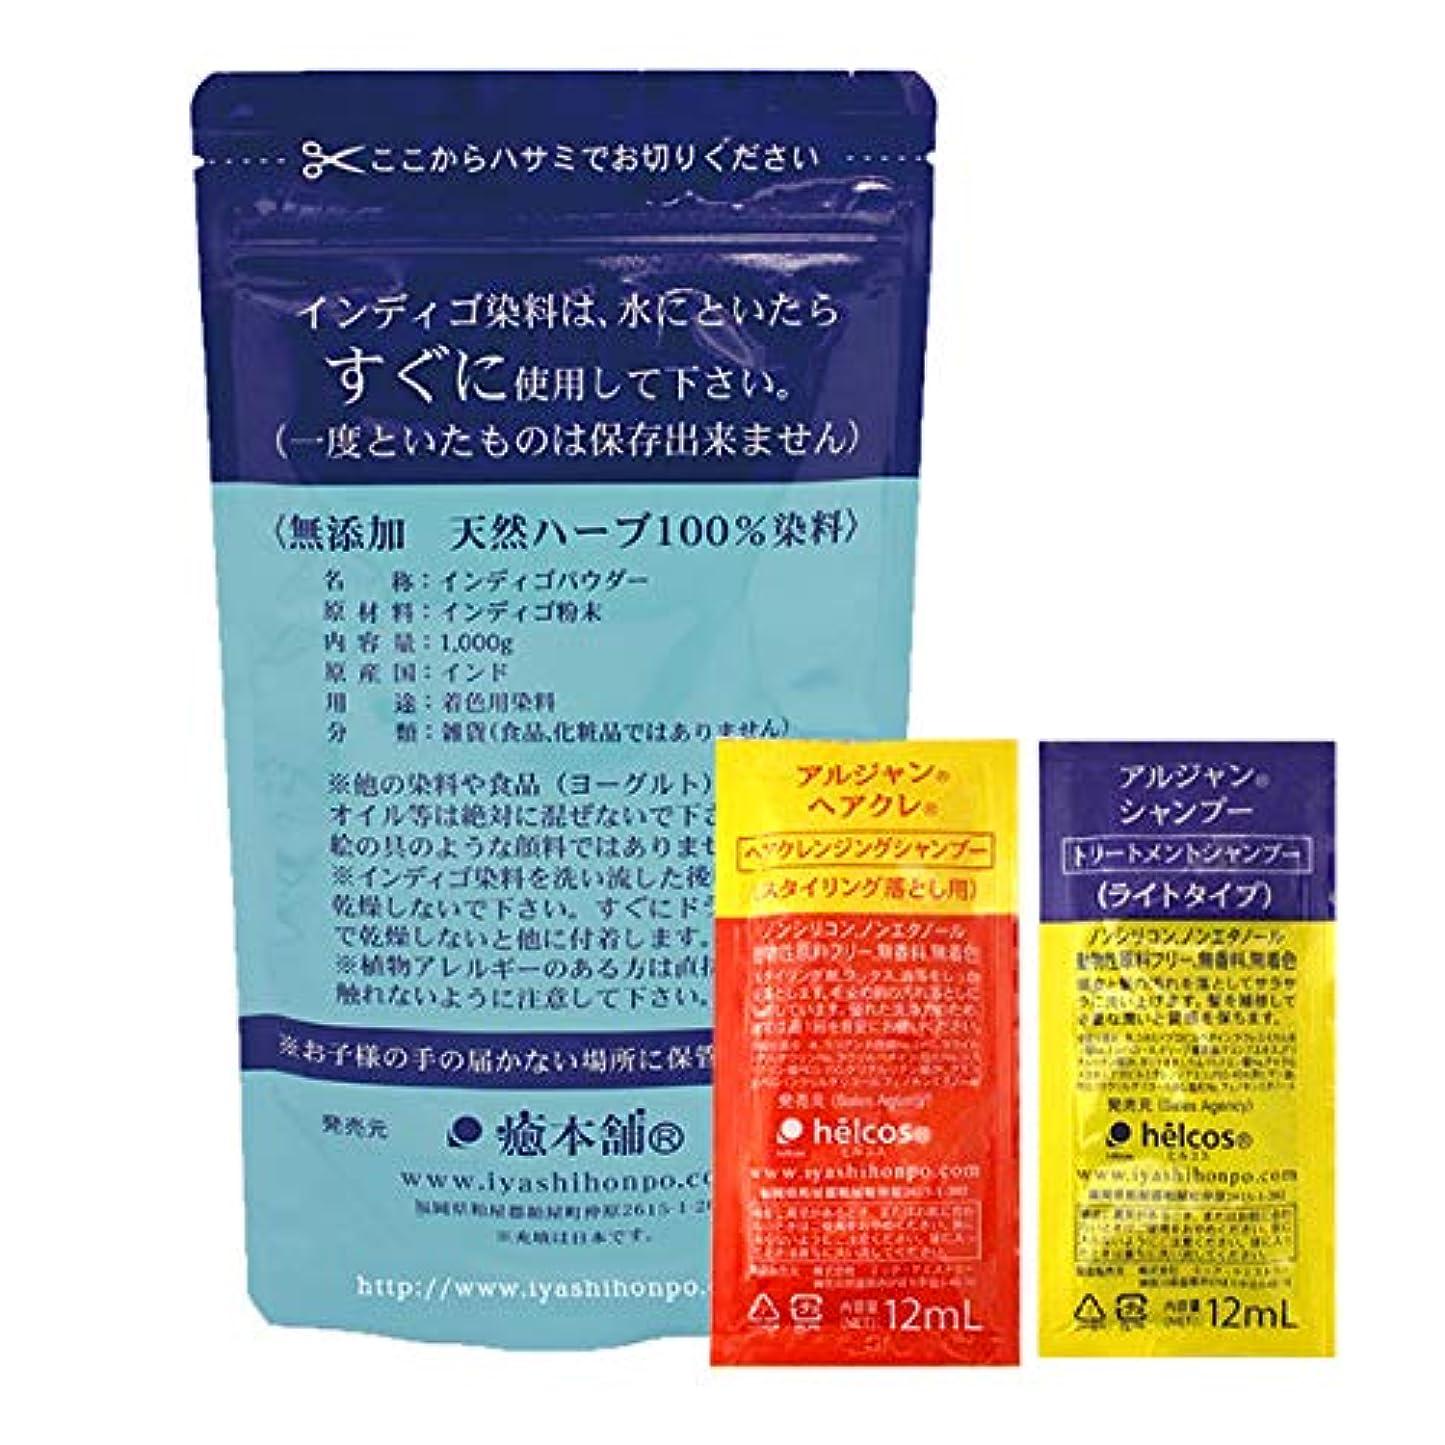 緊張本物のリブ天然染料100% 癒本舗 インディゴ1000g+シャンプーセット 白髪染め ノンシリコン ヘアカラー